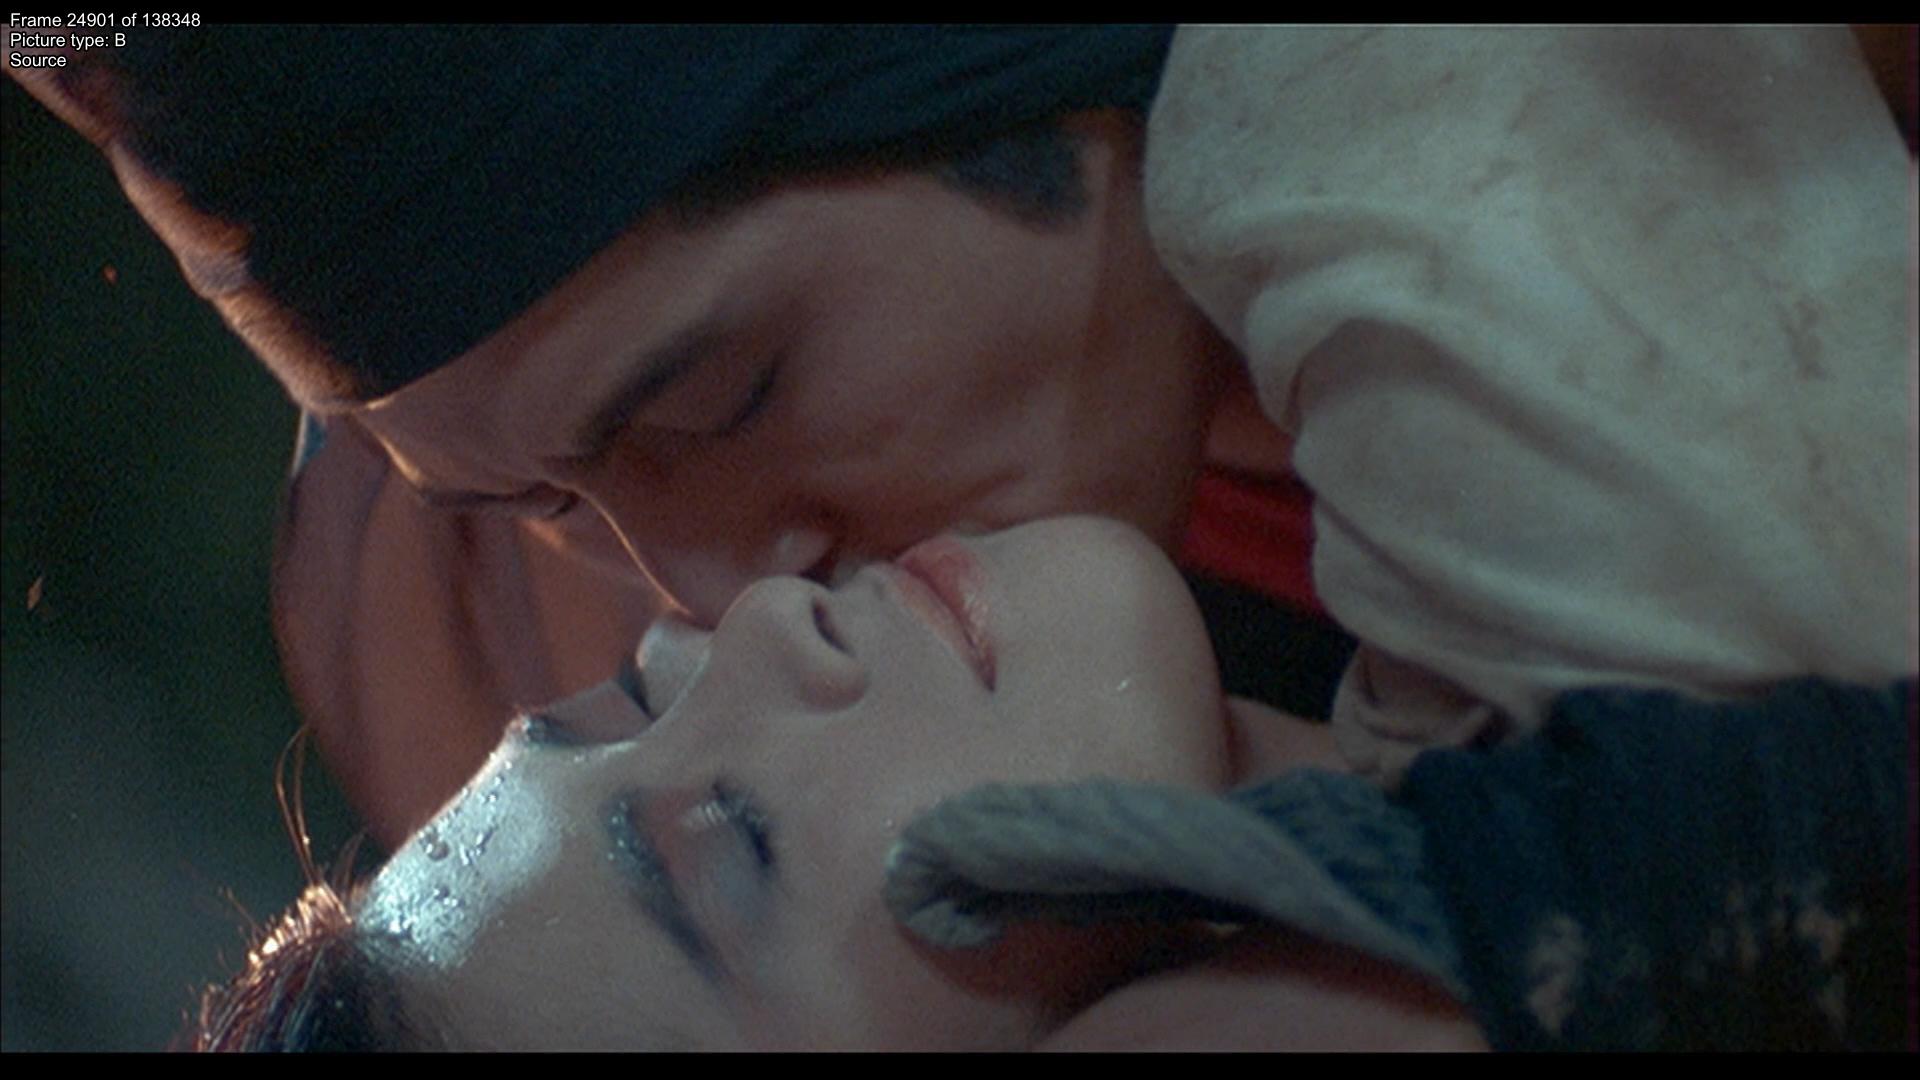 倩女幽魂1.1987.Blu-ray.1080p.Remux.AVC.DTS-HD.MA-5....